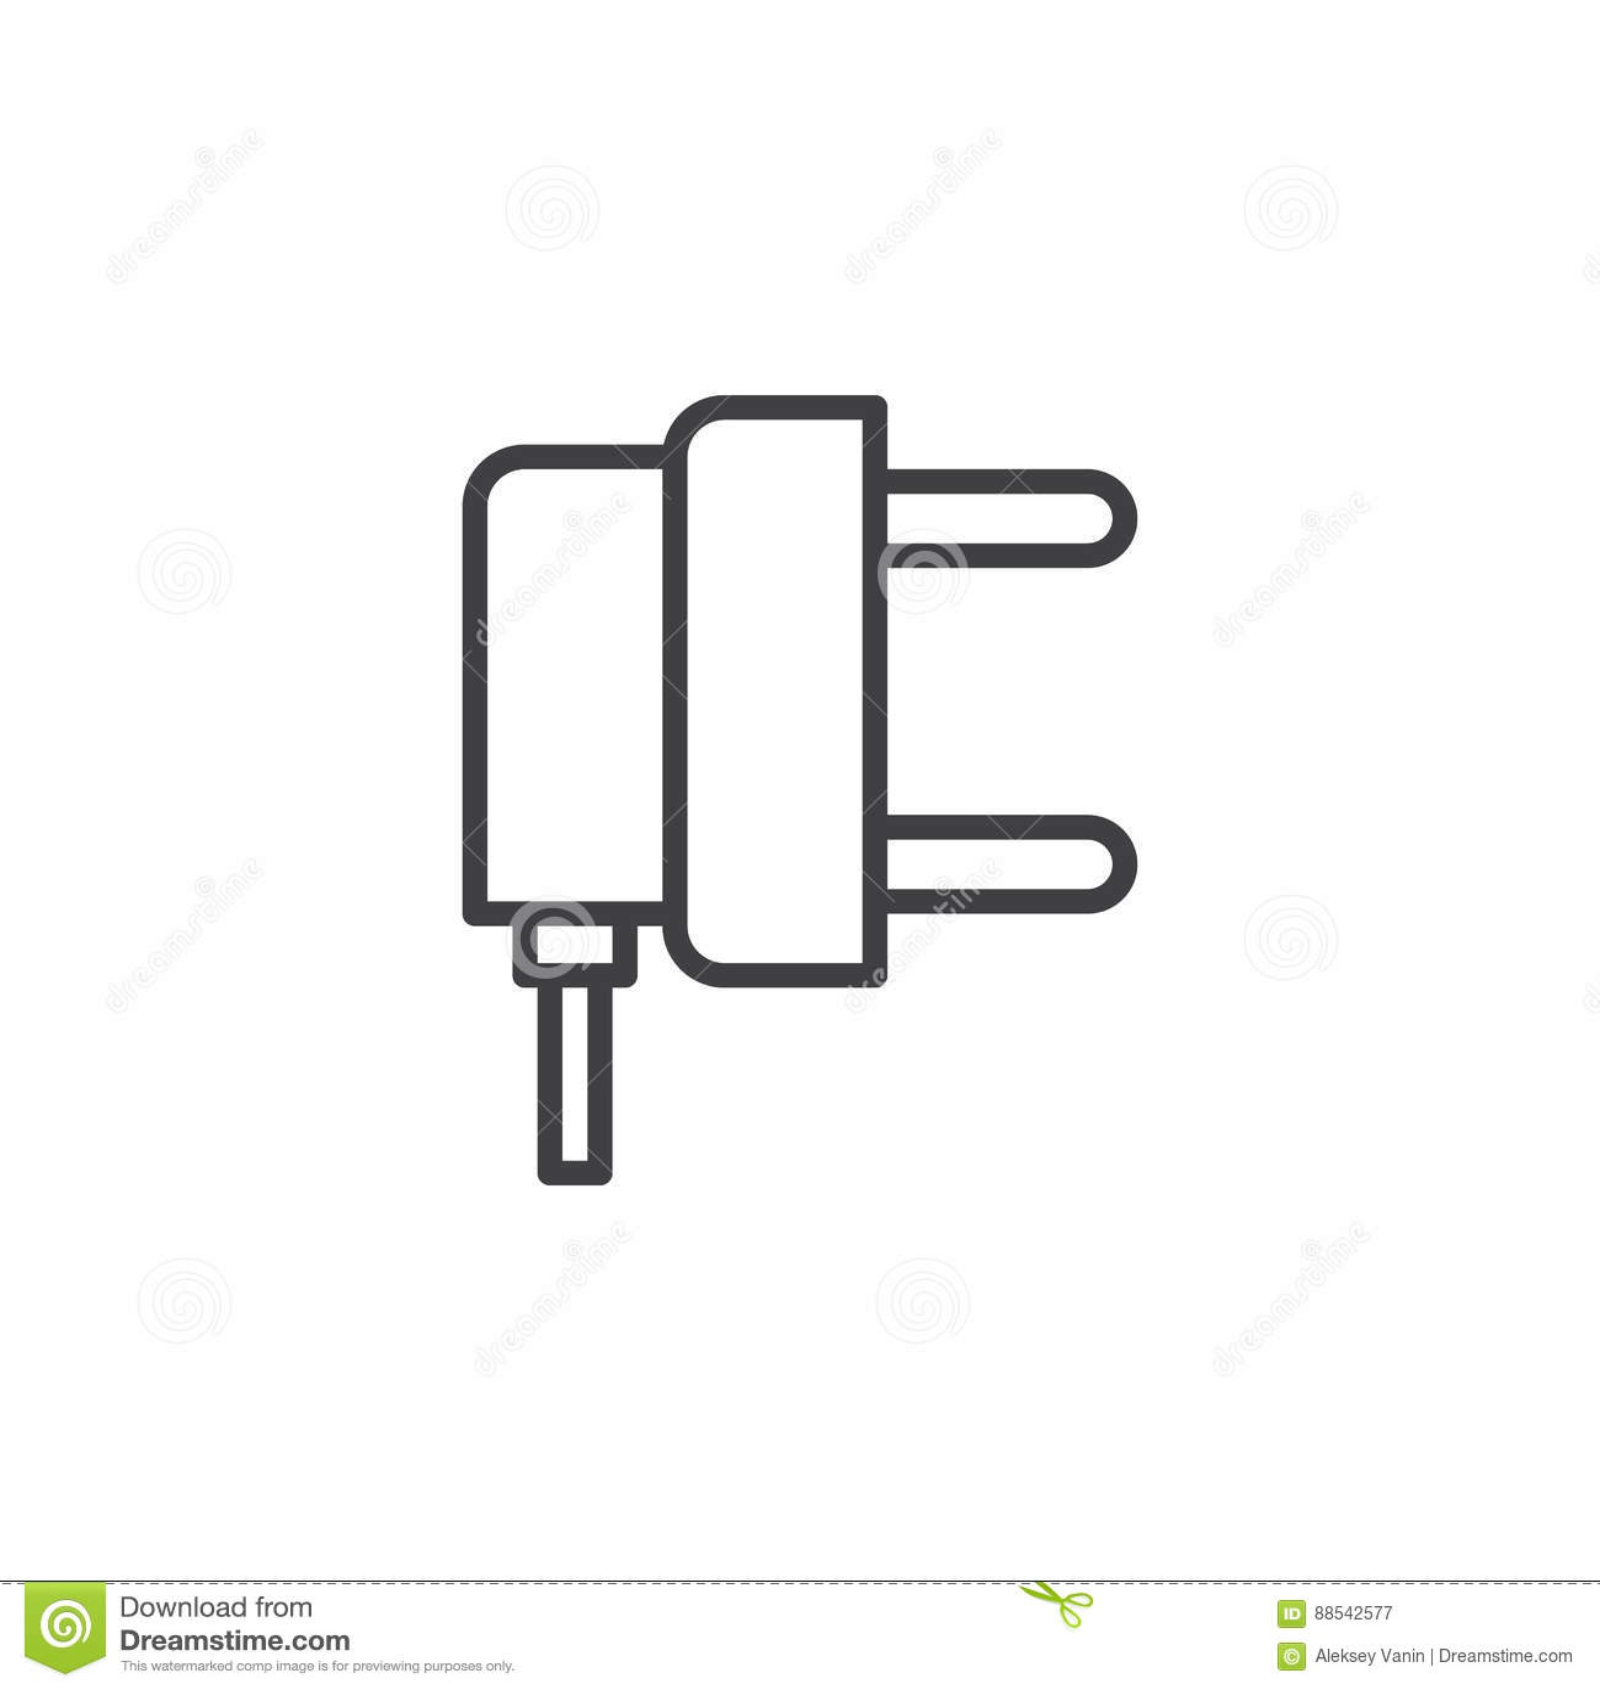 Schön Wechselstrom Schaltplan Elektrische Symbole Fotos - Der ...